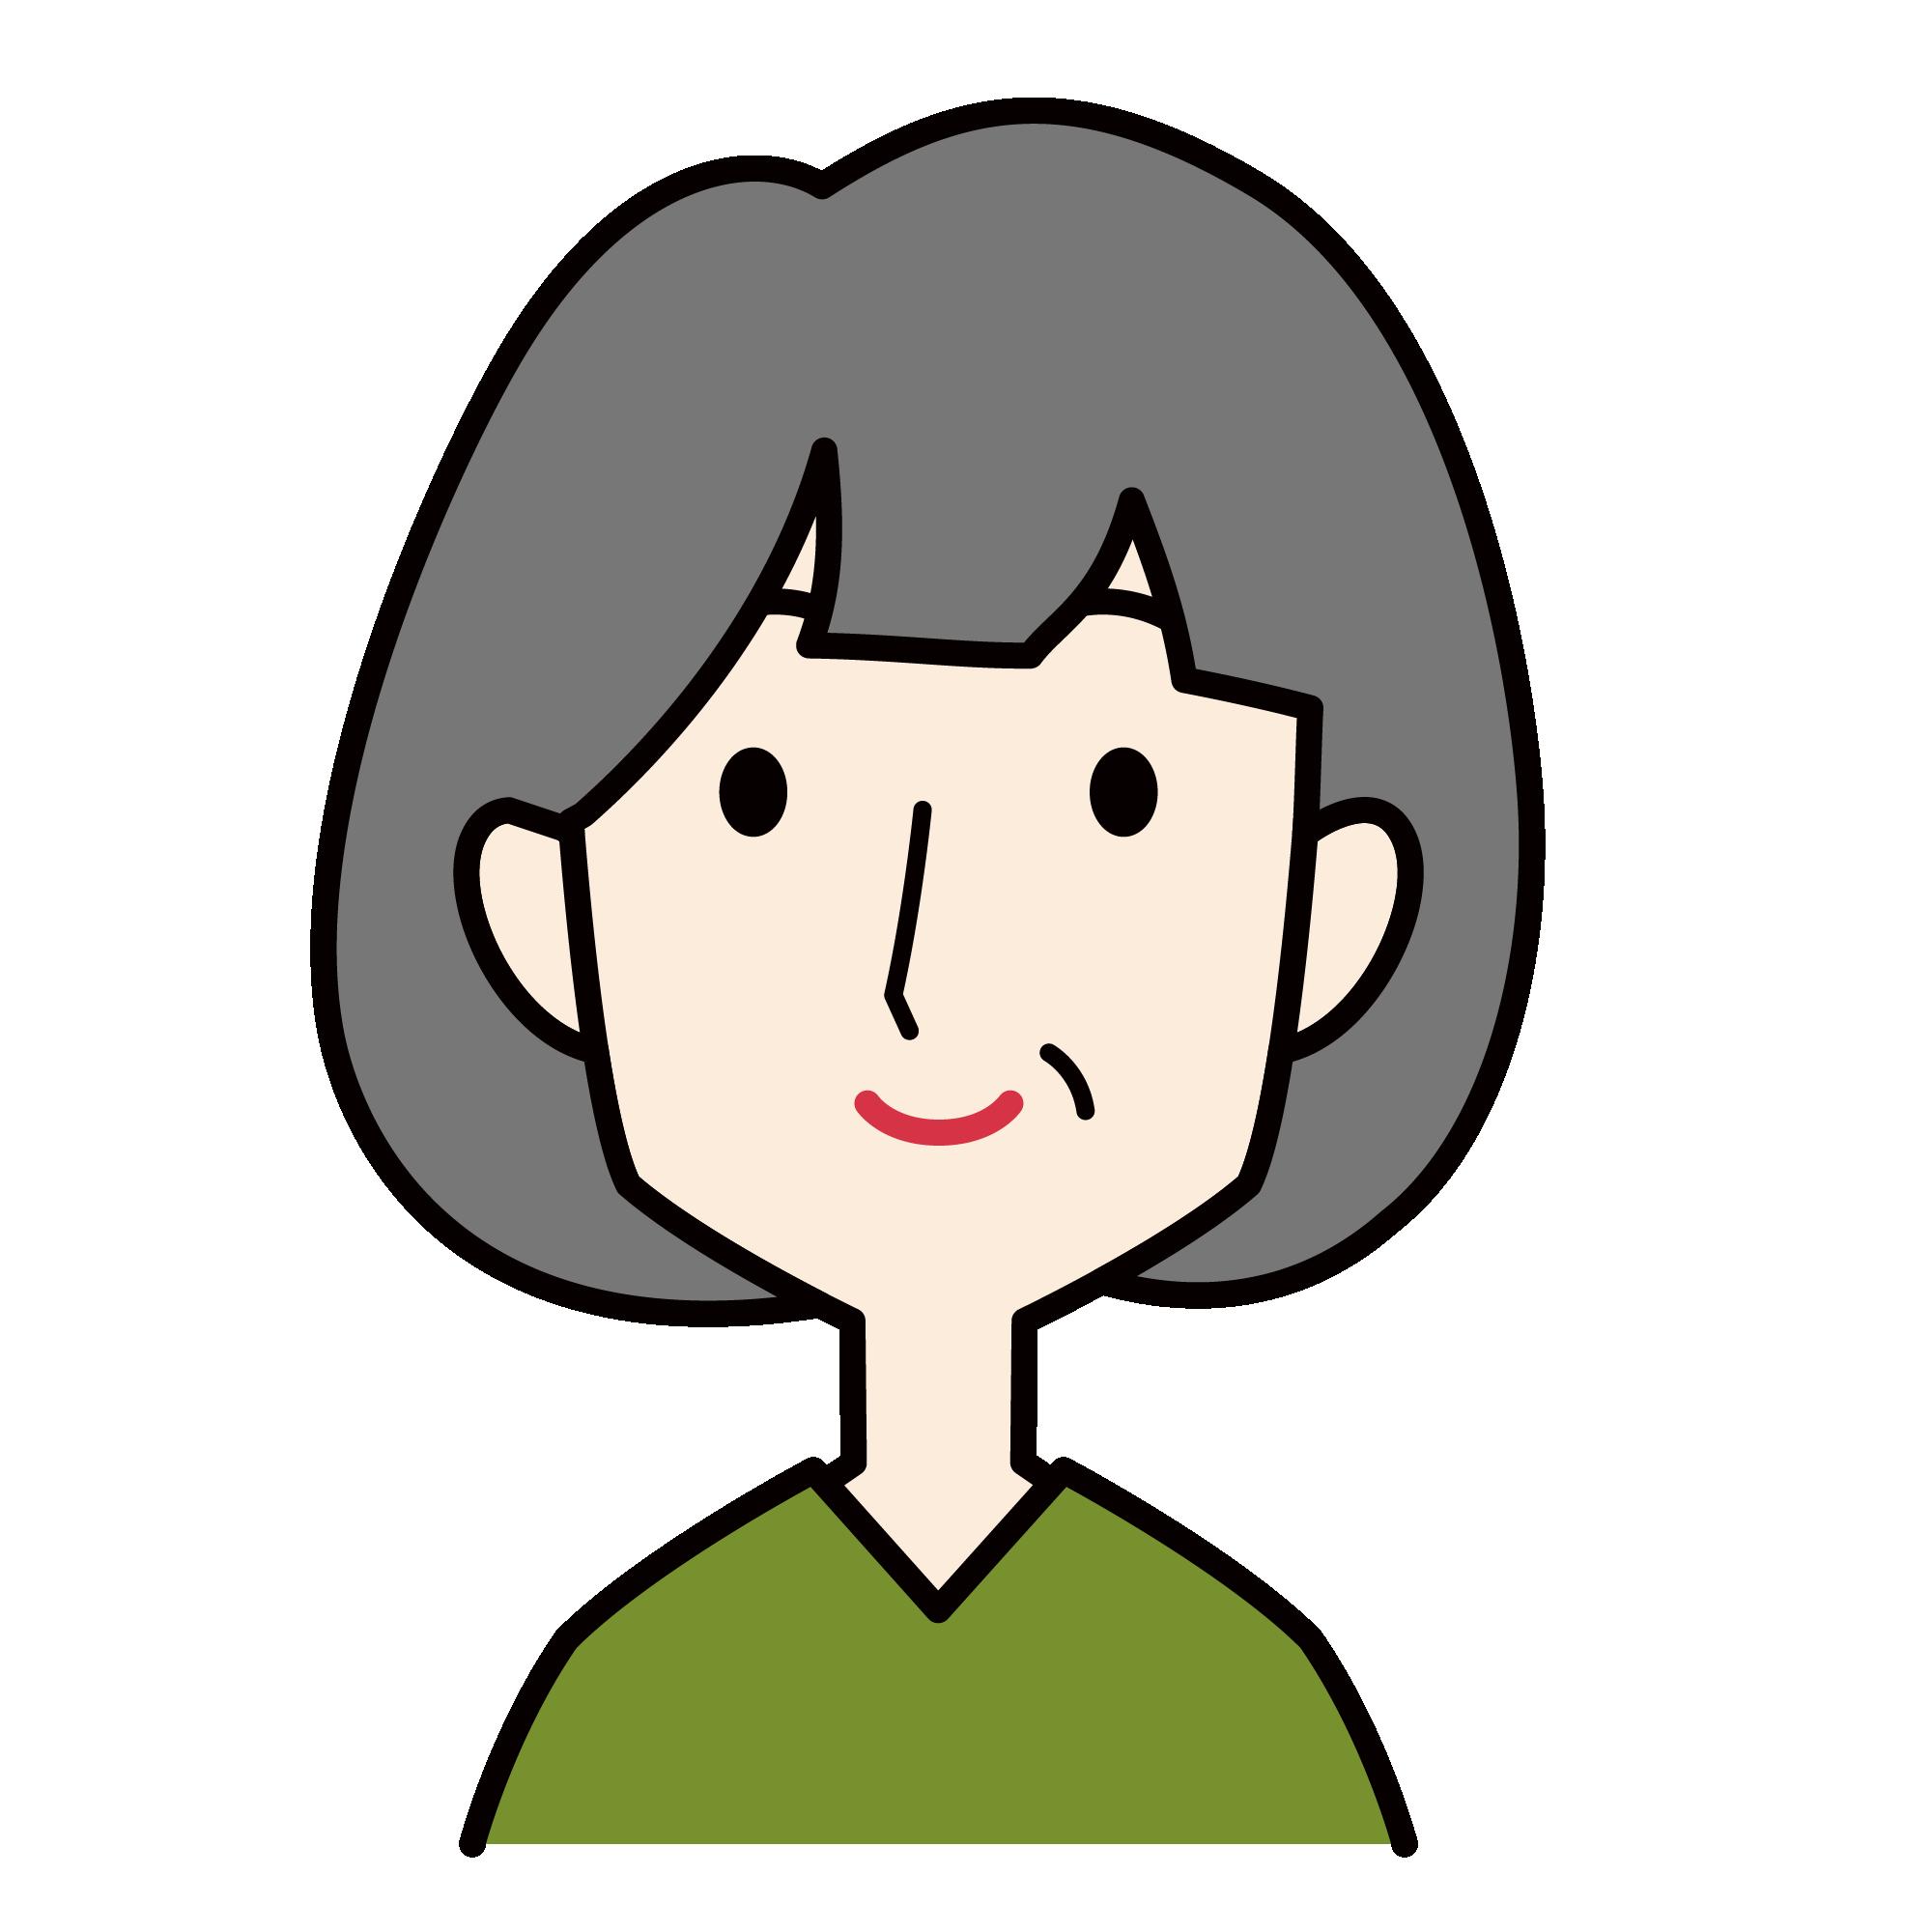 イラスト ぱっつん 前髪